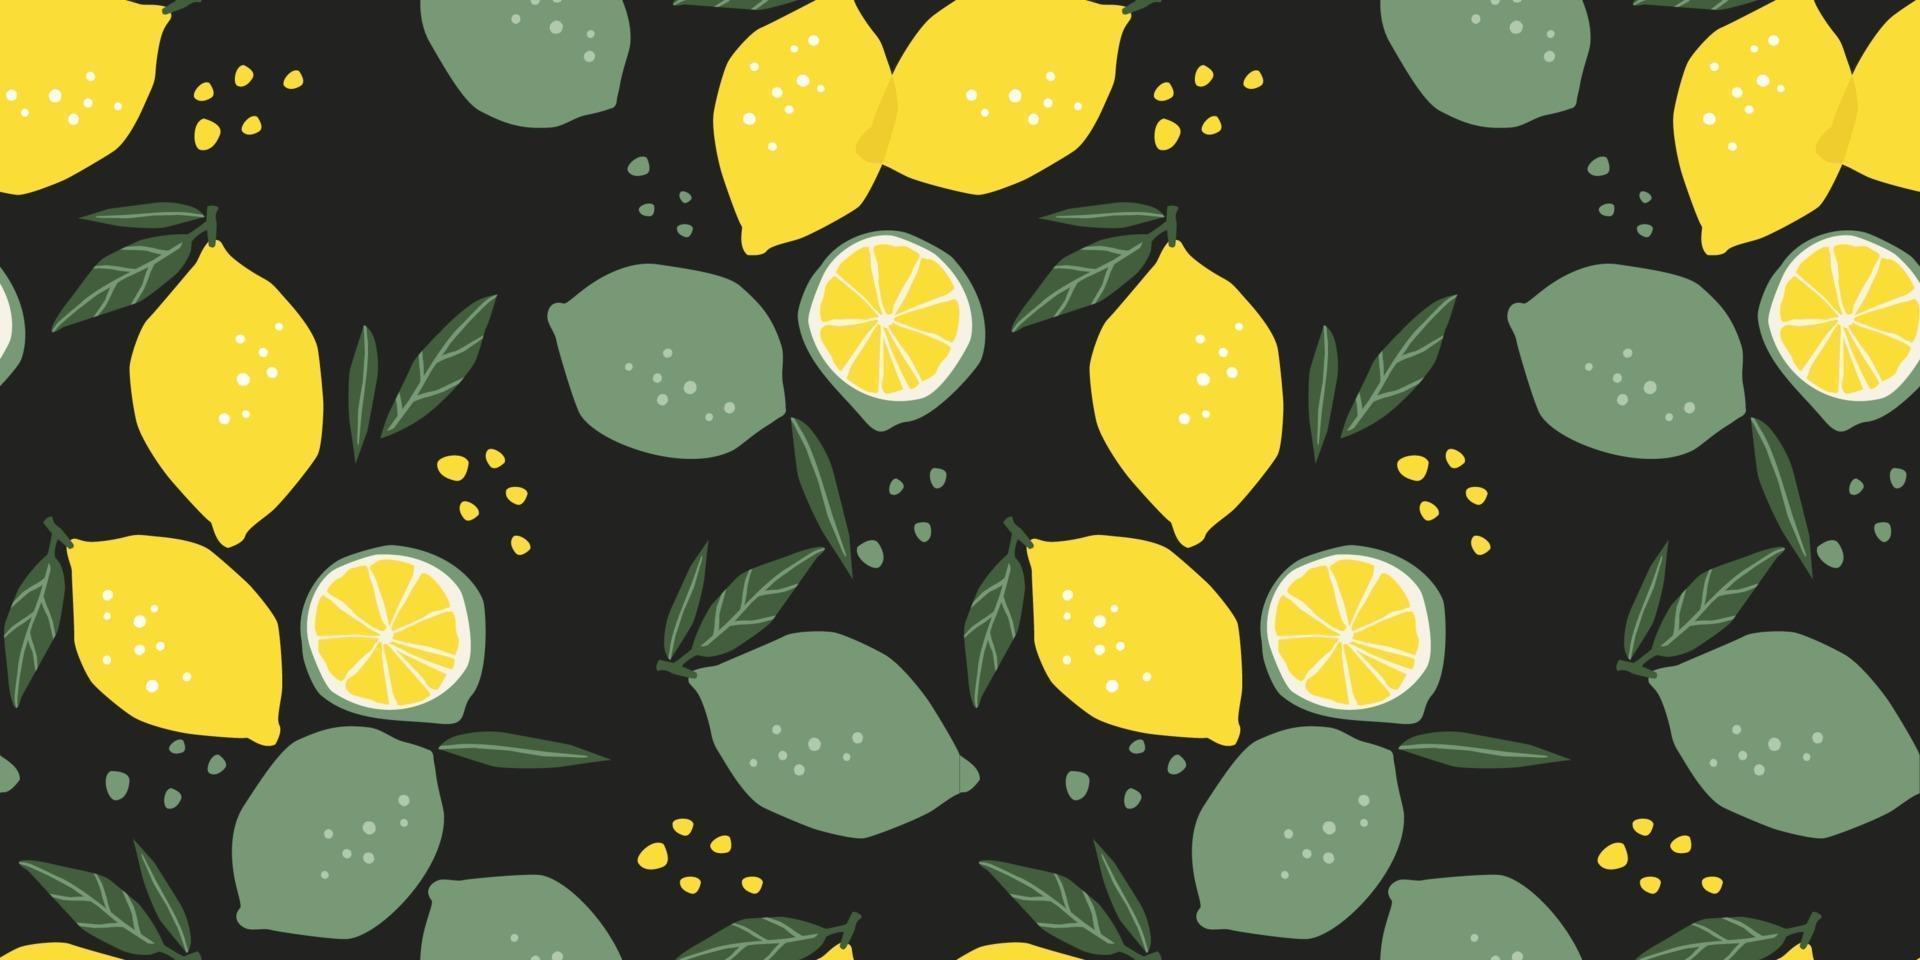 vector naadloze patroon met citroenen en limoenen. trendy handgetekende texturen. modern abstract ontwerp